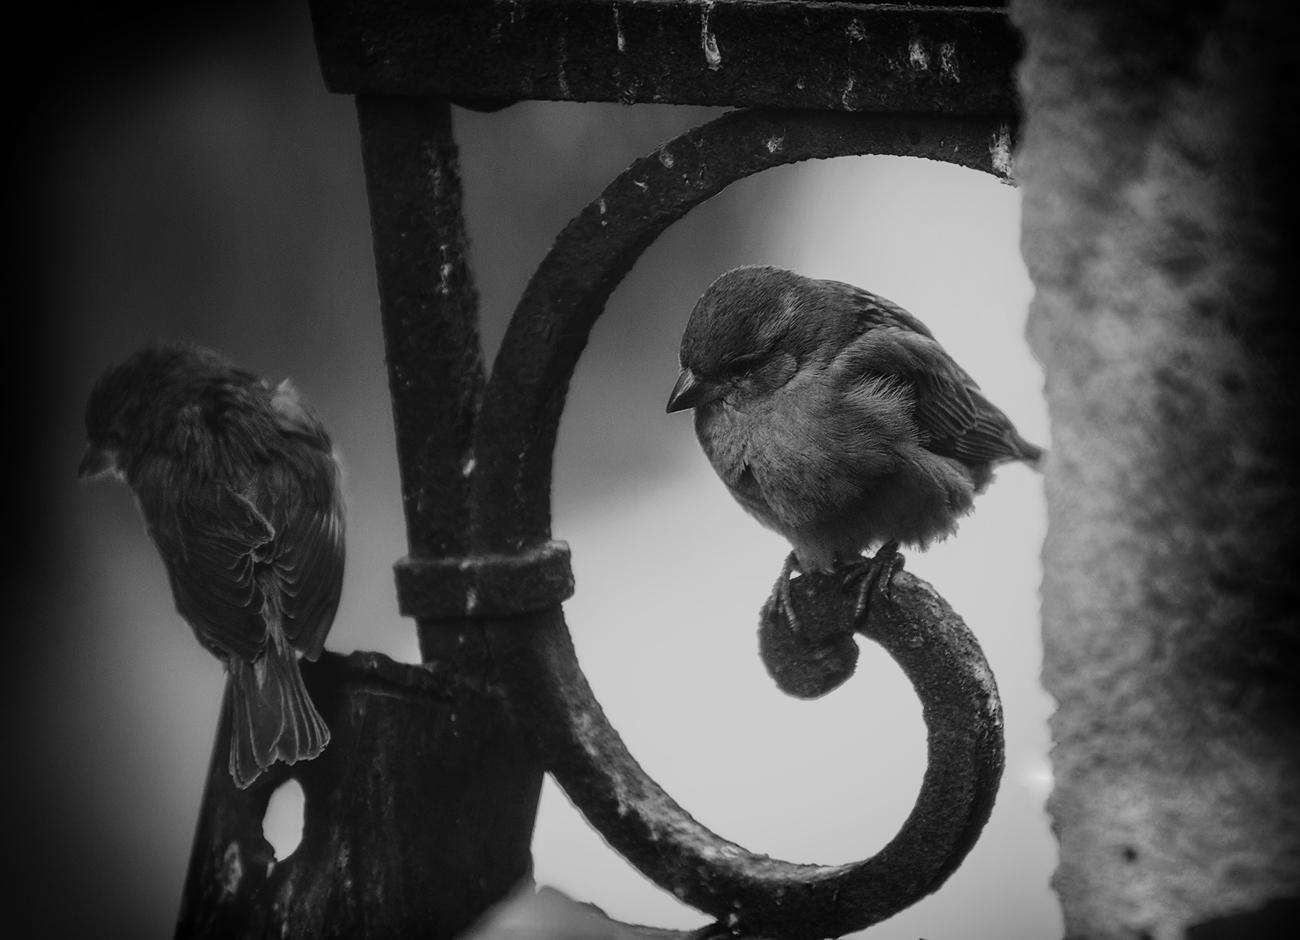 Photo in Wild life | Author Богдан Стойко - stb | PHOTO FORUM